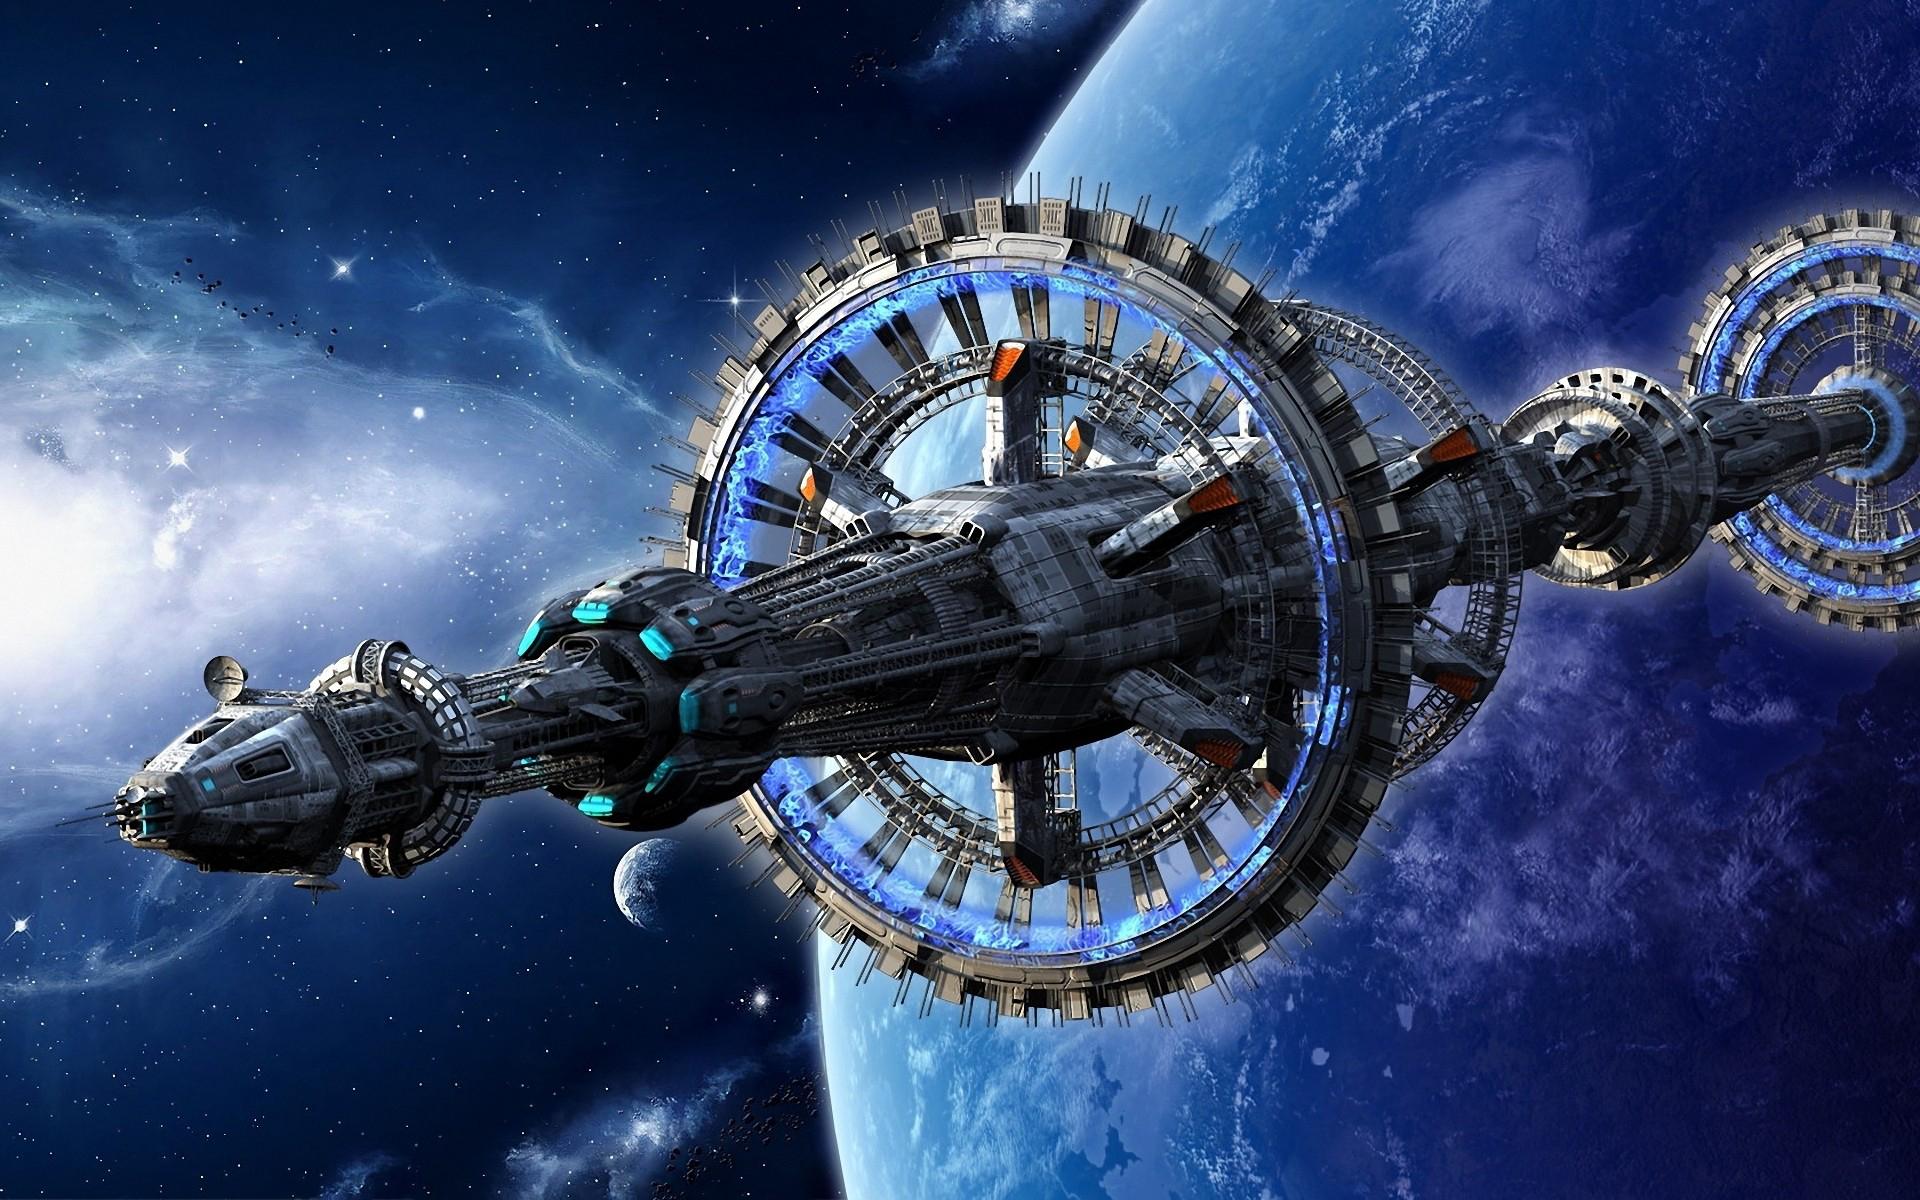 Обои Разрушенная планета, корабль картинки на рабочий стол на тему Космос - скачать  № 3552404 загрузить